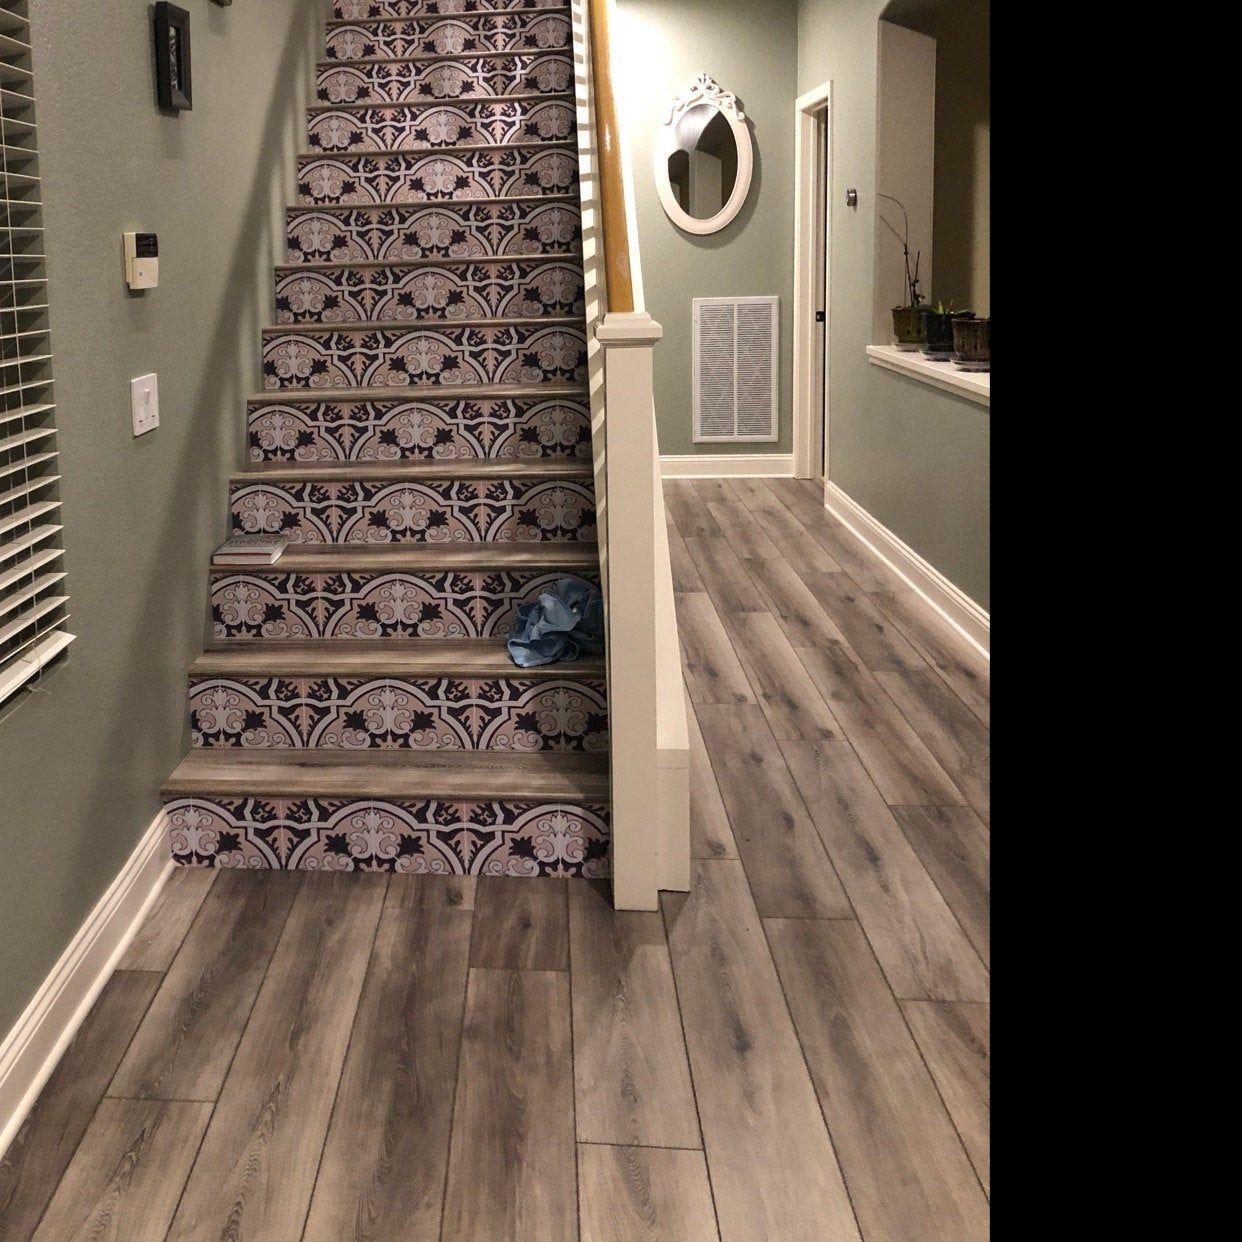 Tile Stickers Tiles For Kitchen Bathroom Back Splash Floor Etsy Vinyl Wallpaper Floor Decal Vinyl Tile